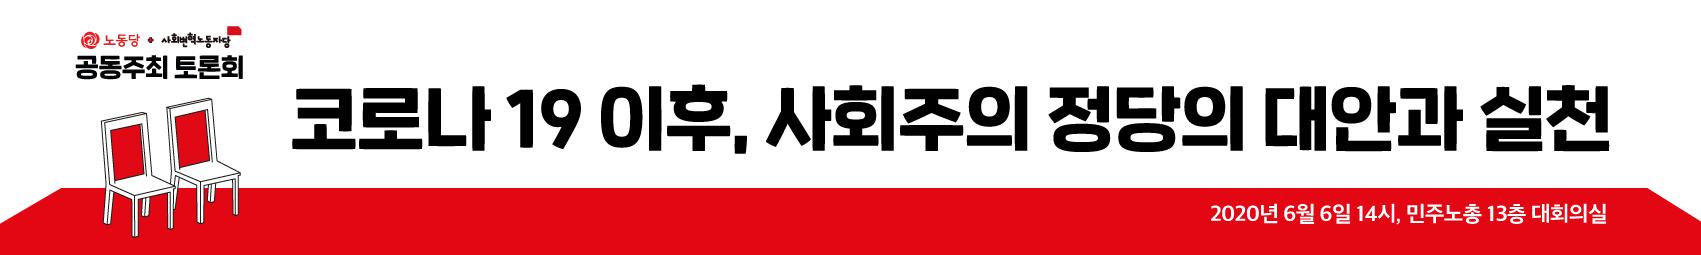 노동당_공동주최토론회_현수막.png